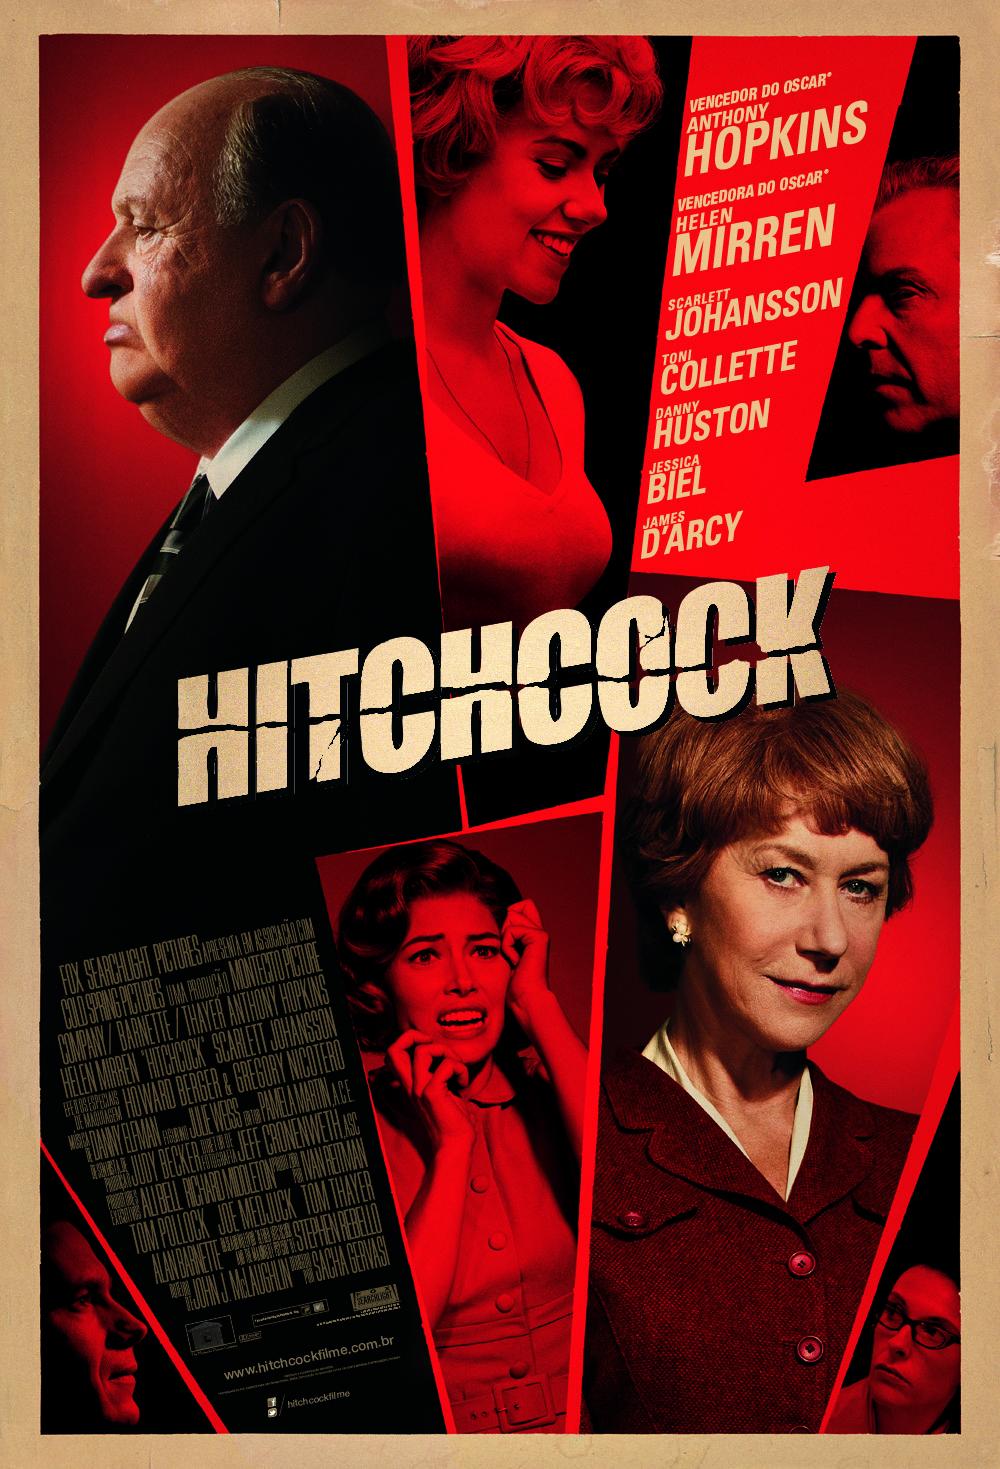 Hitchcock Film